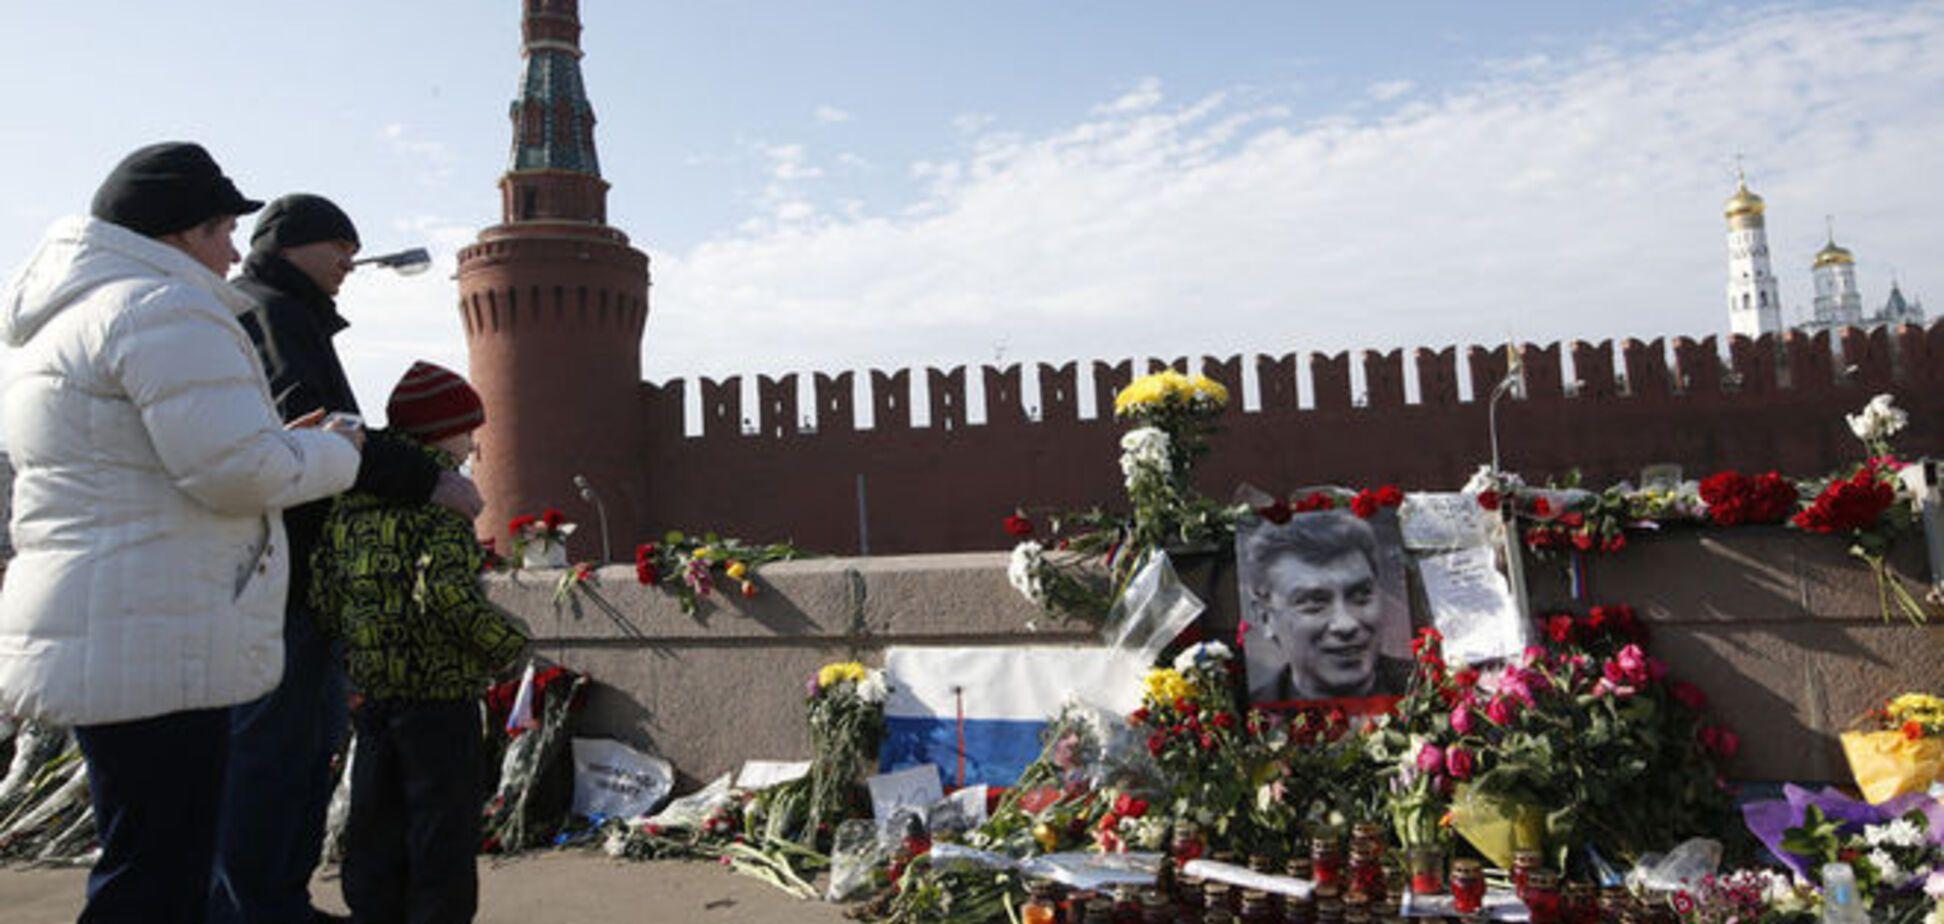 Европарламент решил добиваться международного расследования убийства Немцова